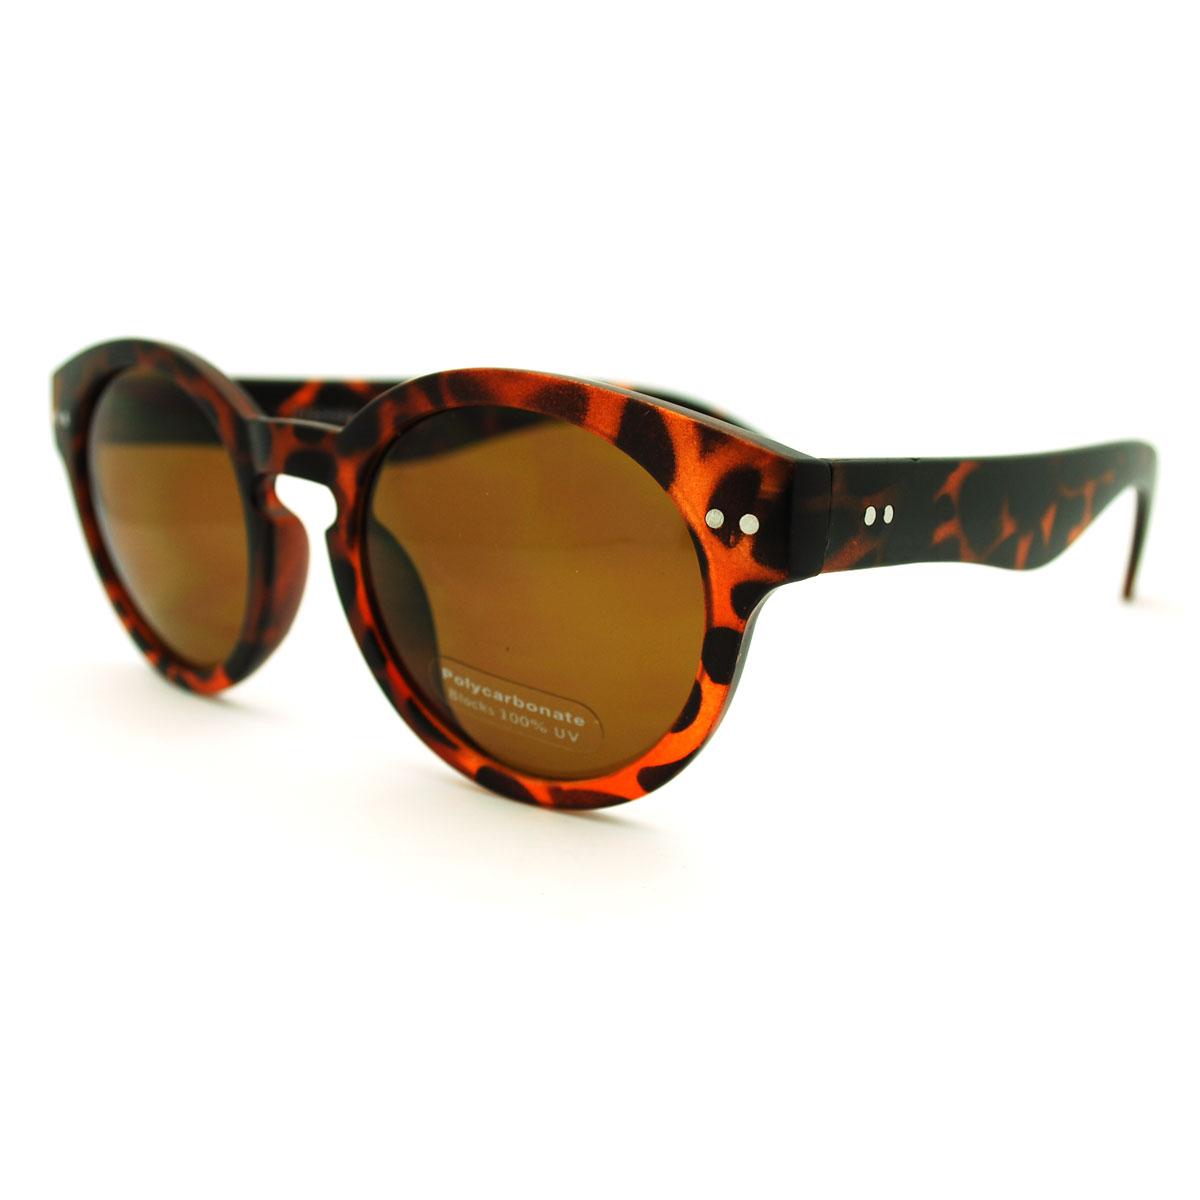 2f8887ac1d Italian Sunglasses « Heritage Malta